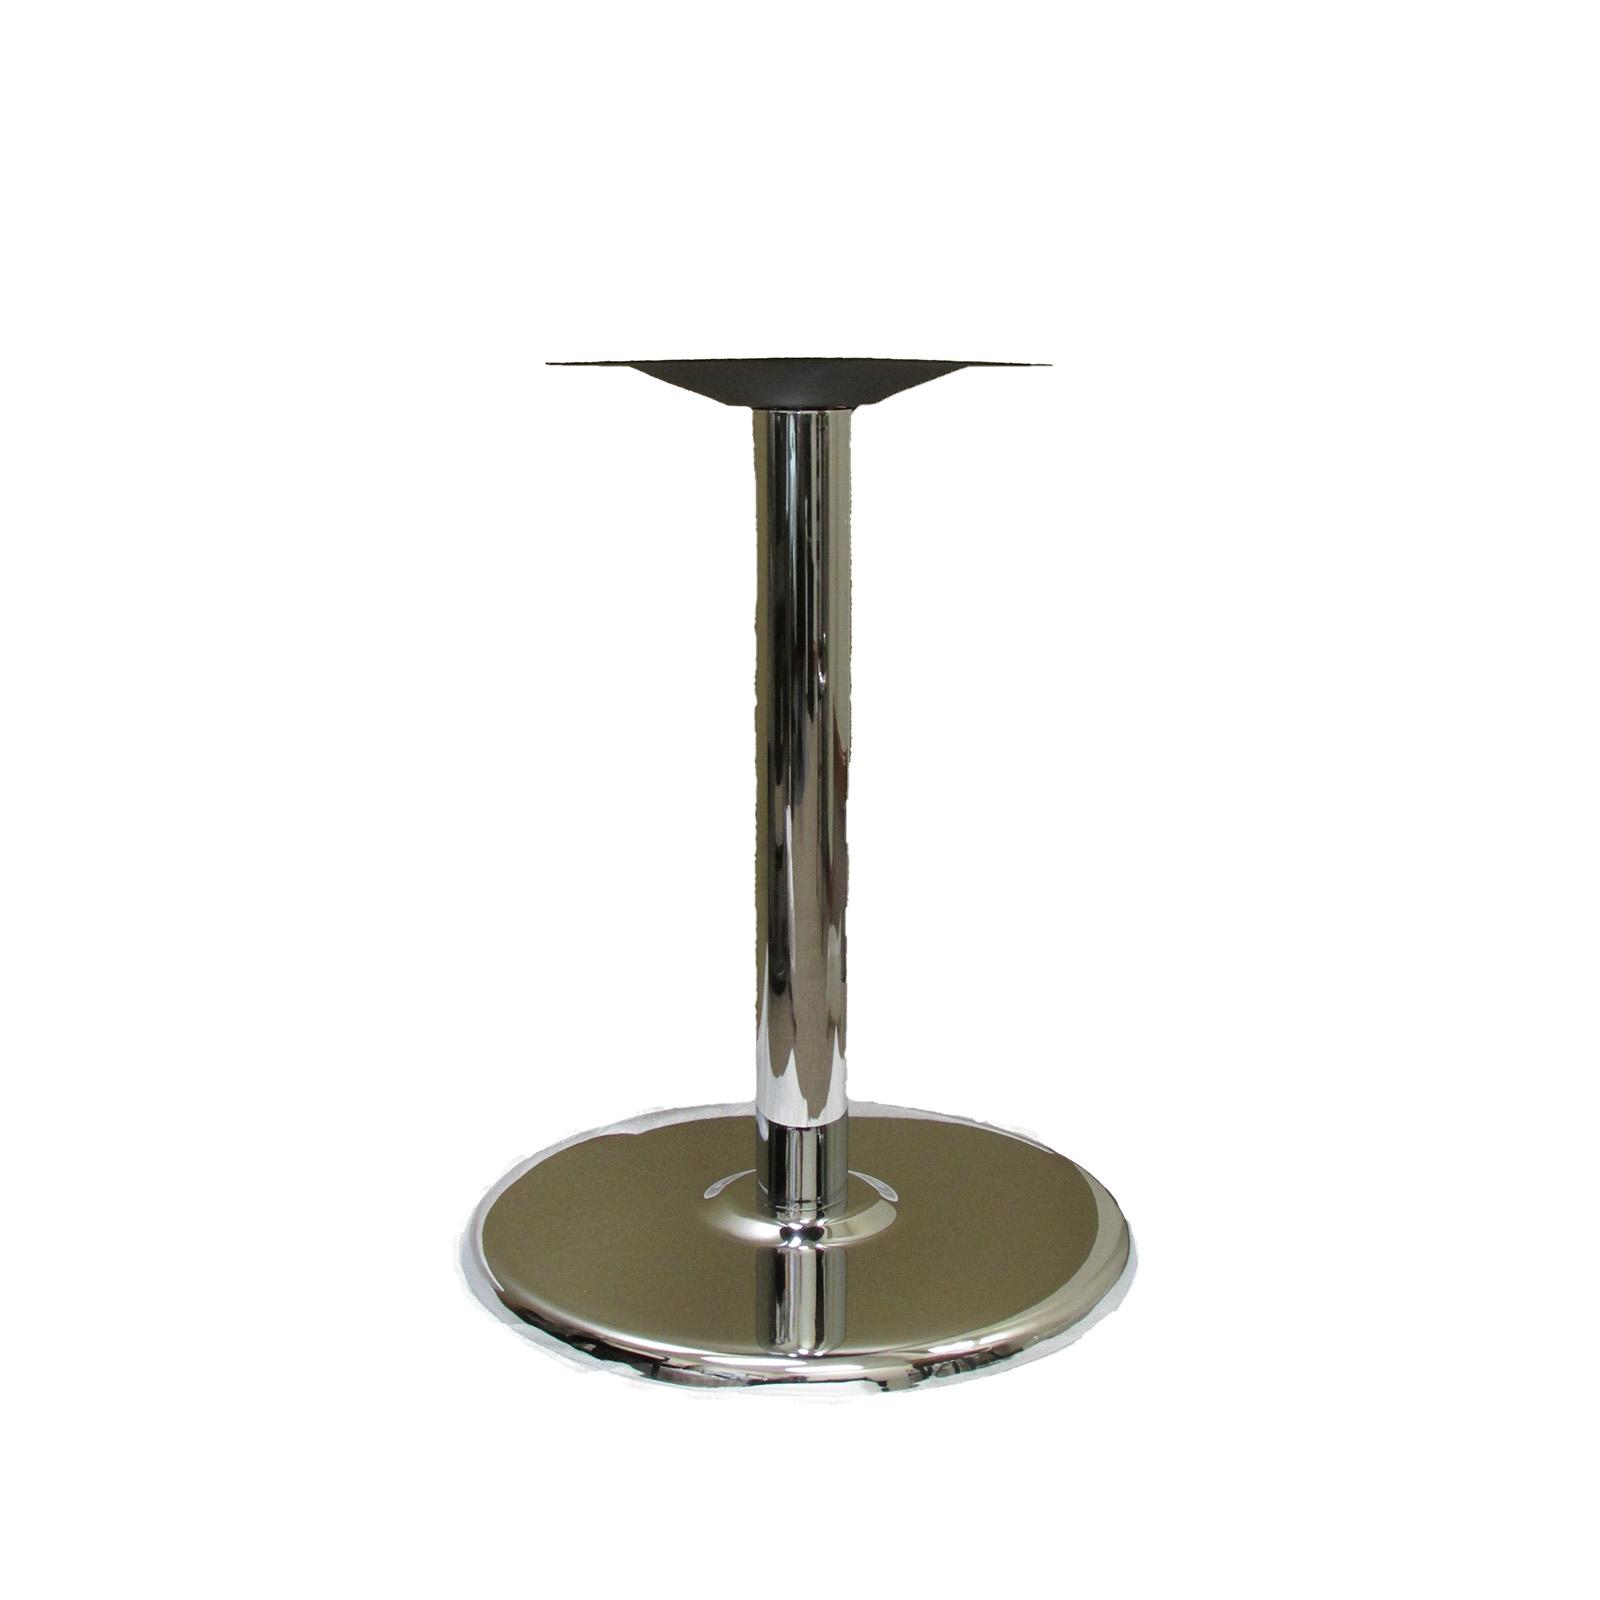 Oak Street B18DISC-CHR-STD table base, metal